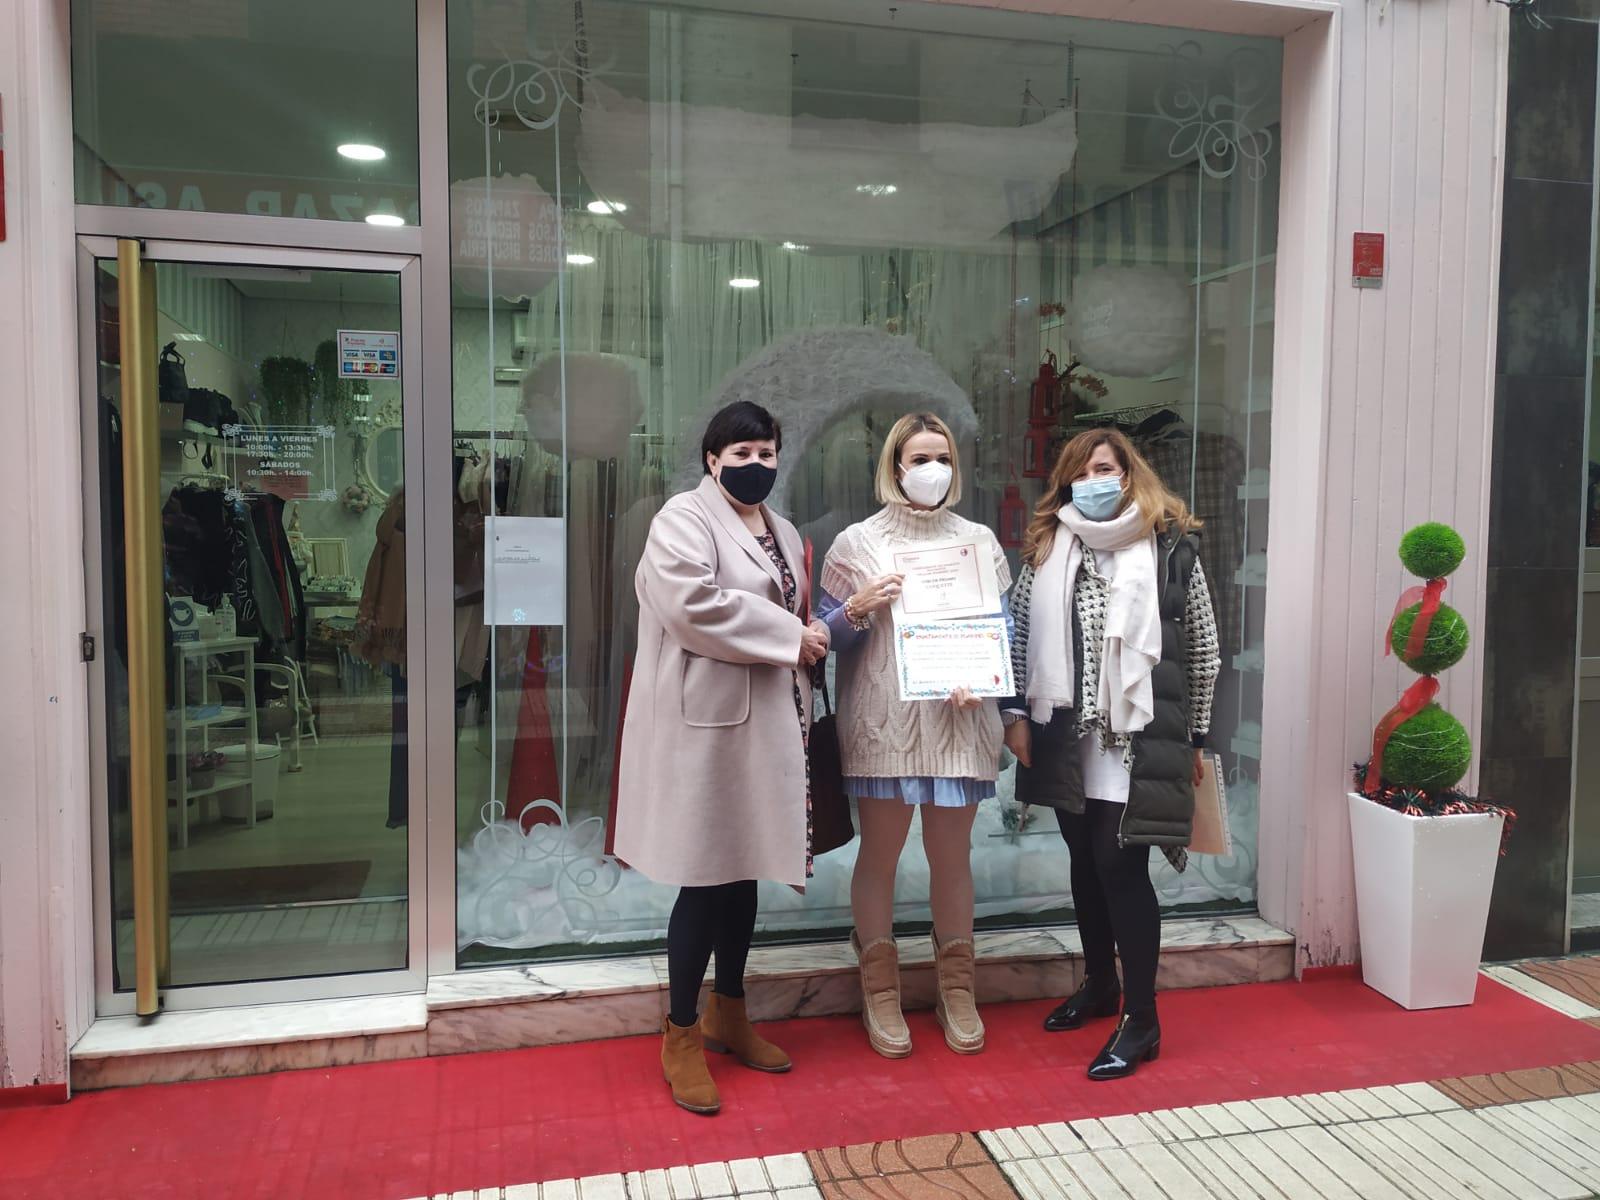 Estos son los ganadores del concurso de escaparates organizado por el Ayuntamiento de Bembibre 7